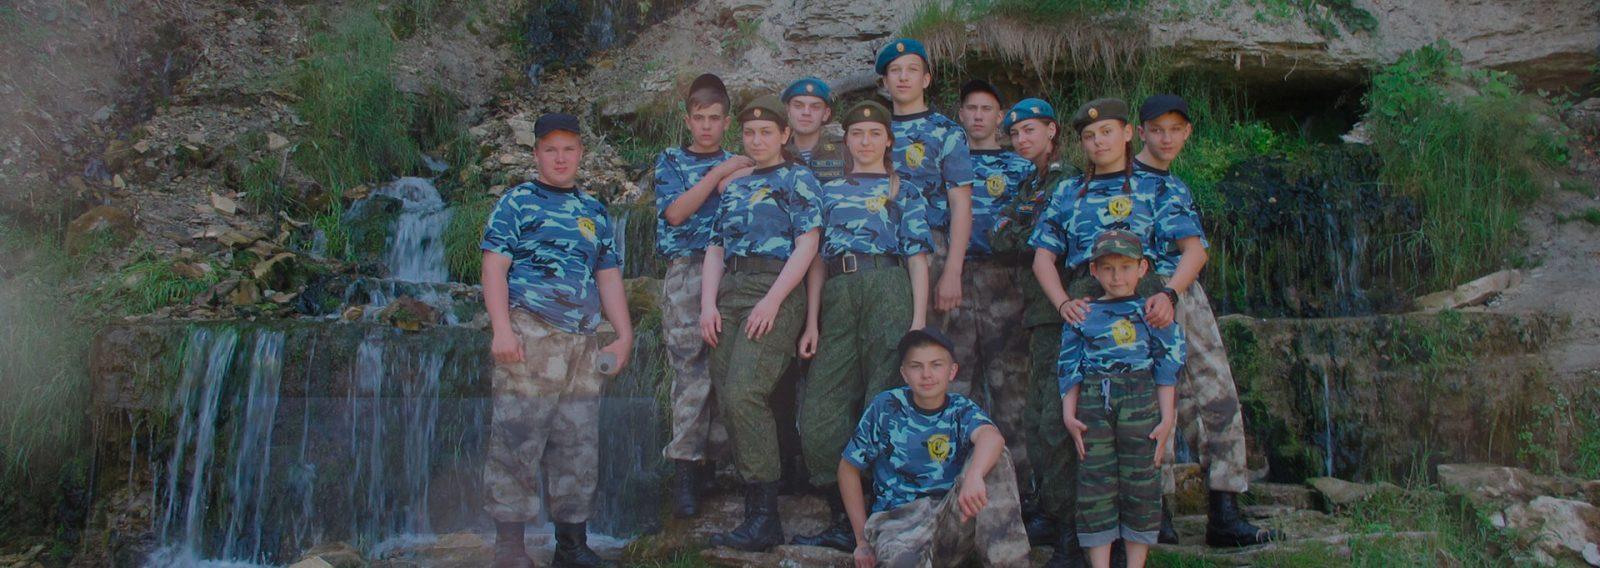 Военно-спортивные сборы для детей и подростков от 7 лет